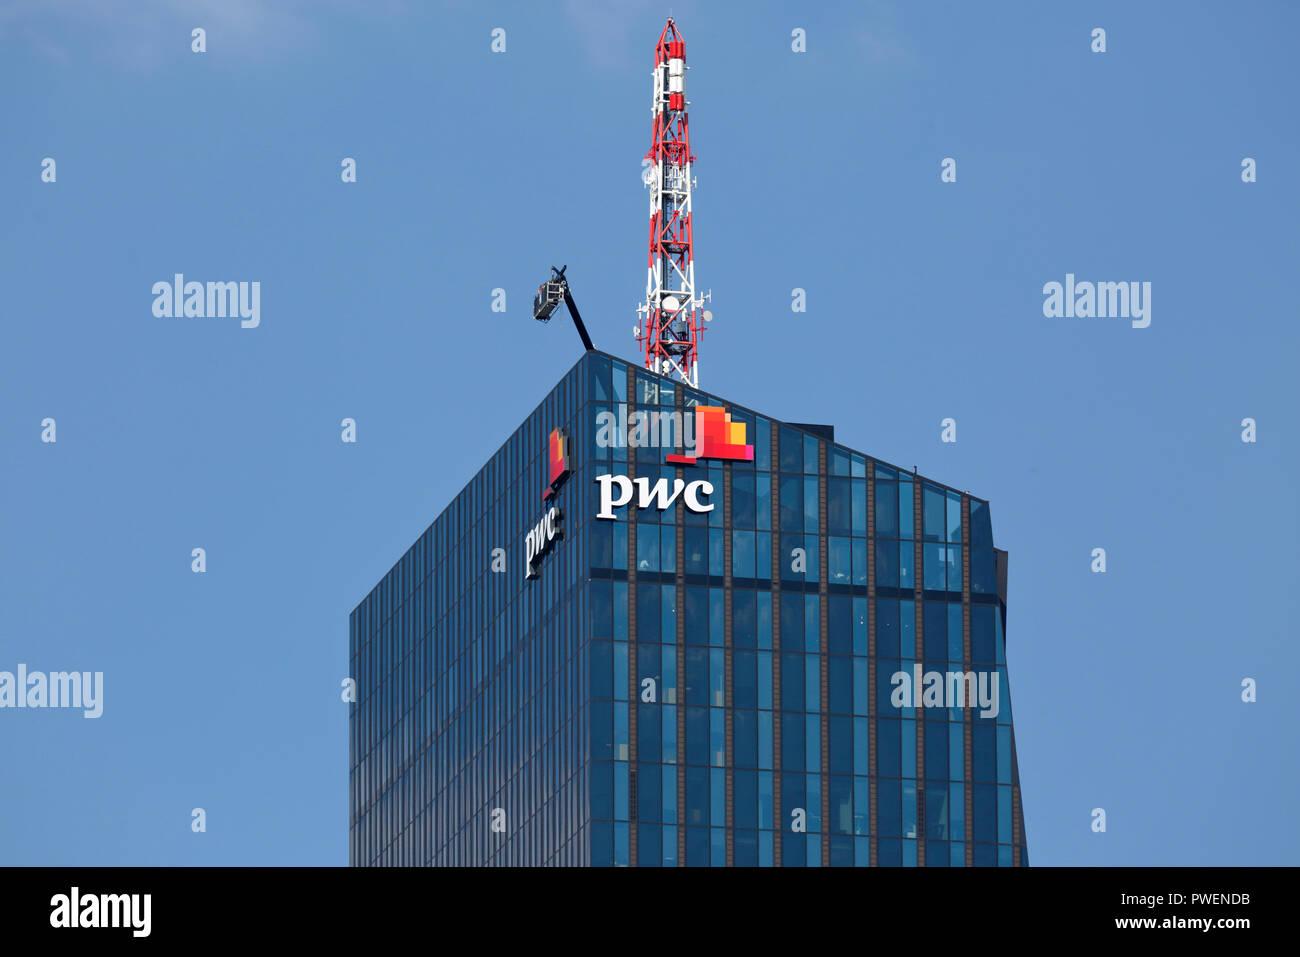 Österreich, A-Wien, Donau, Hauptstadt, Donau City, DC Tower 1, Commercial Tower, Wolkenkratzer, Detail mit pwc-Logo, Dachantenne Stockbild